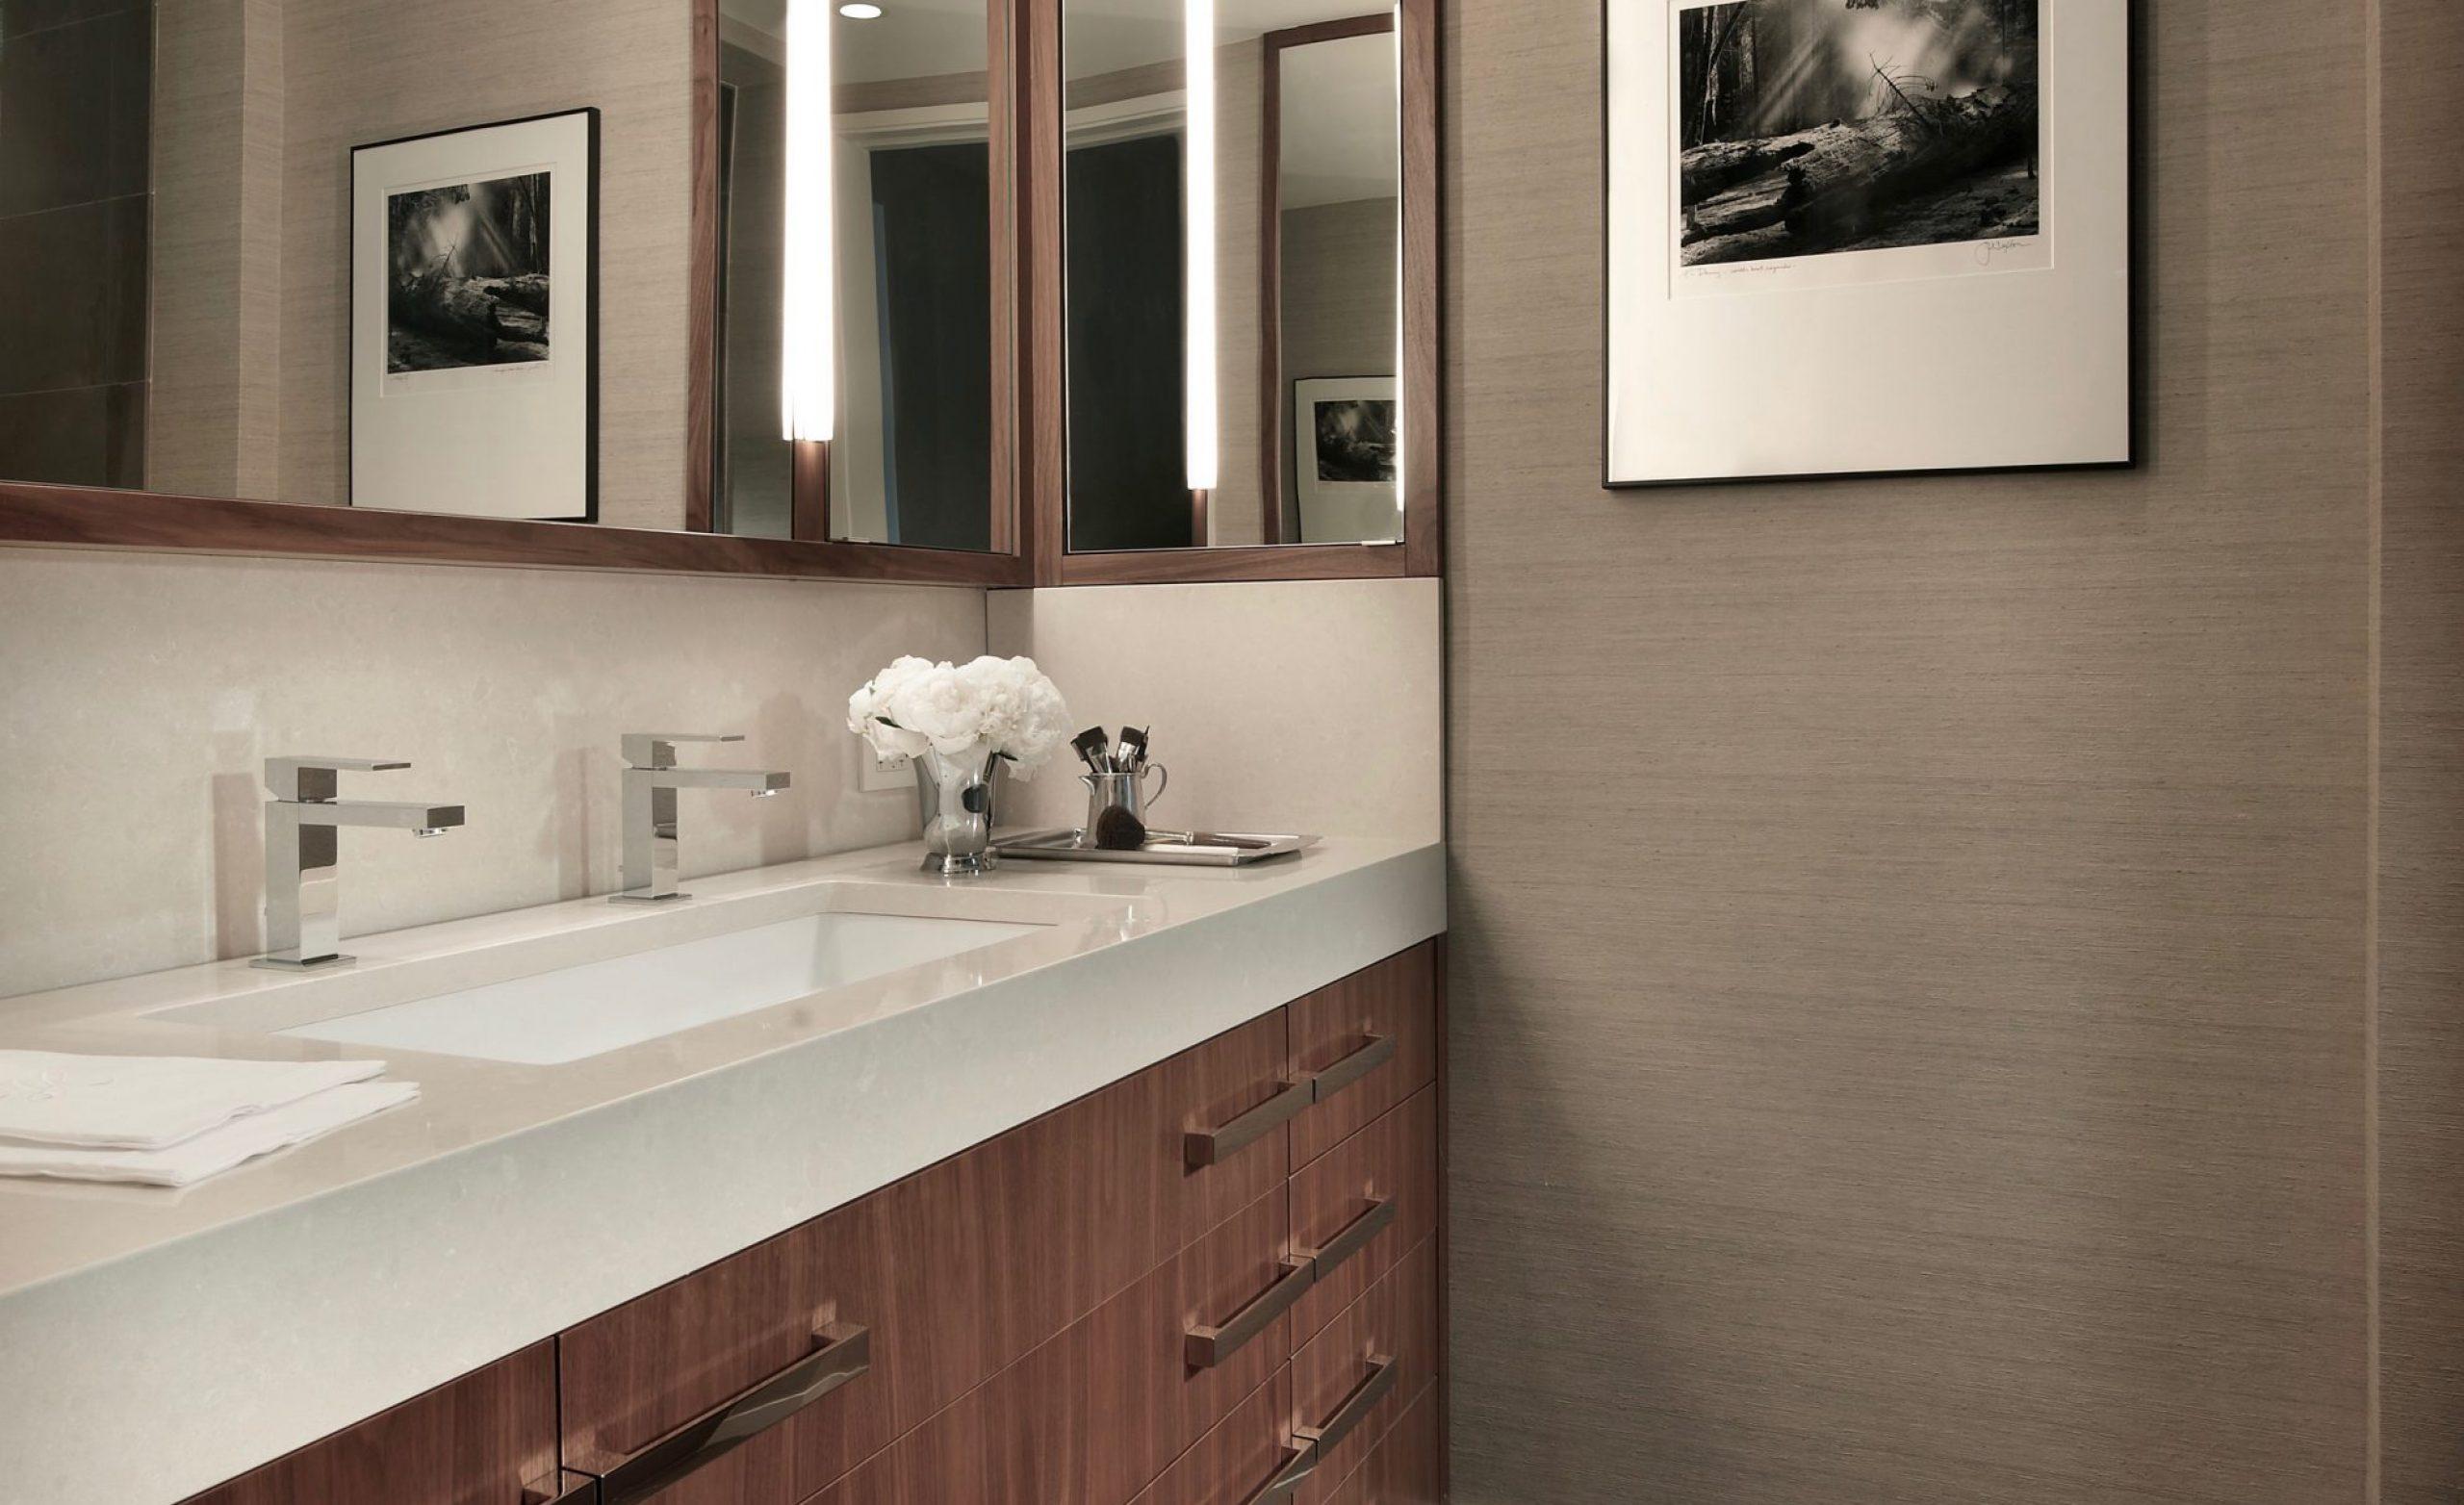 jaffea+i-Limited-Space-Unlimited-Living-bathroom-vanity